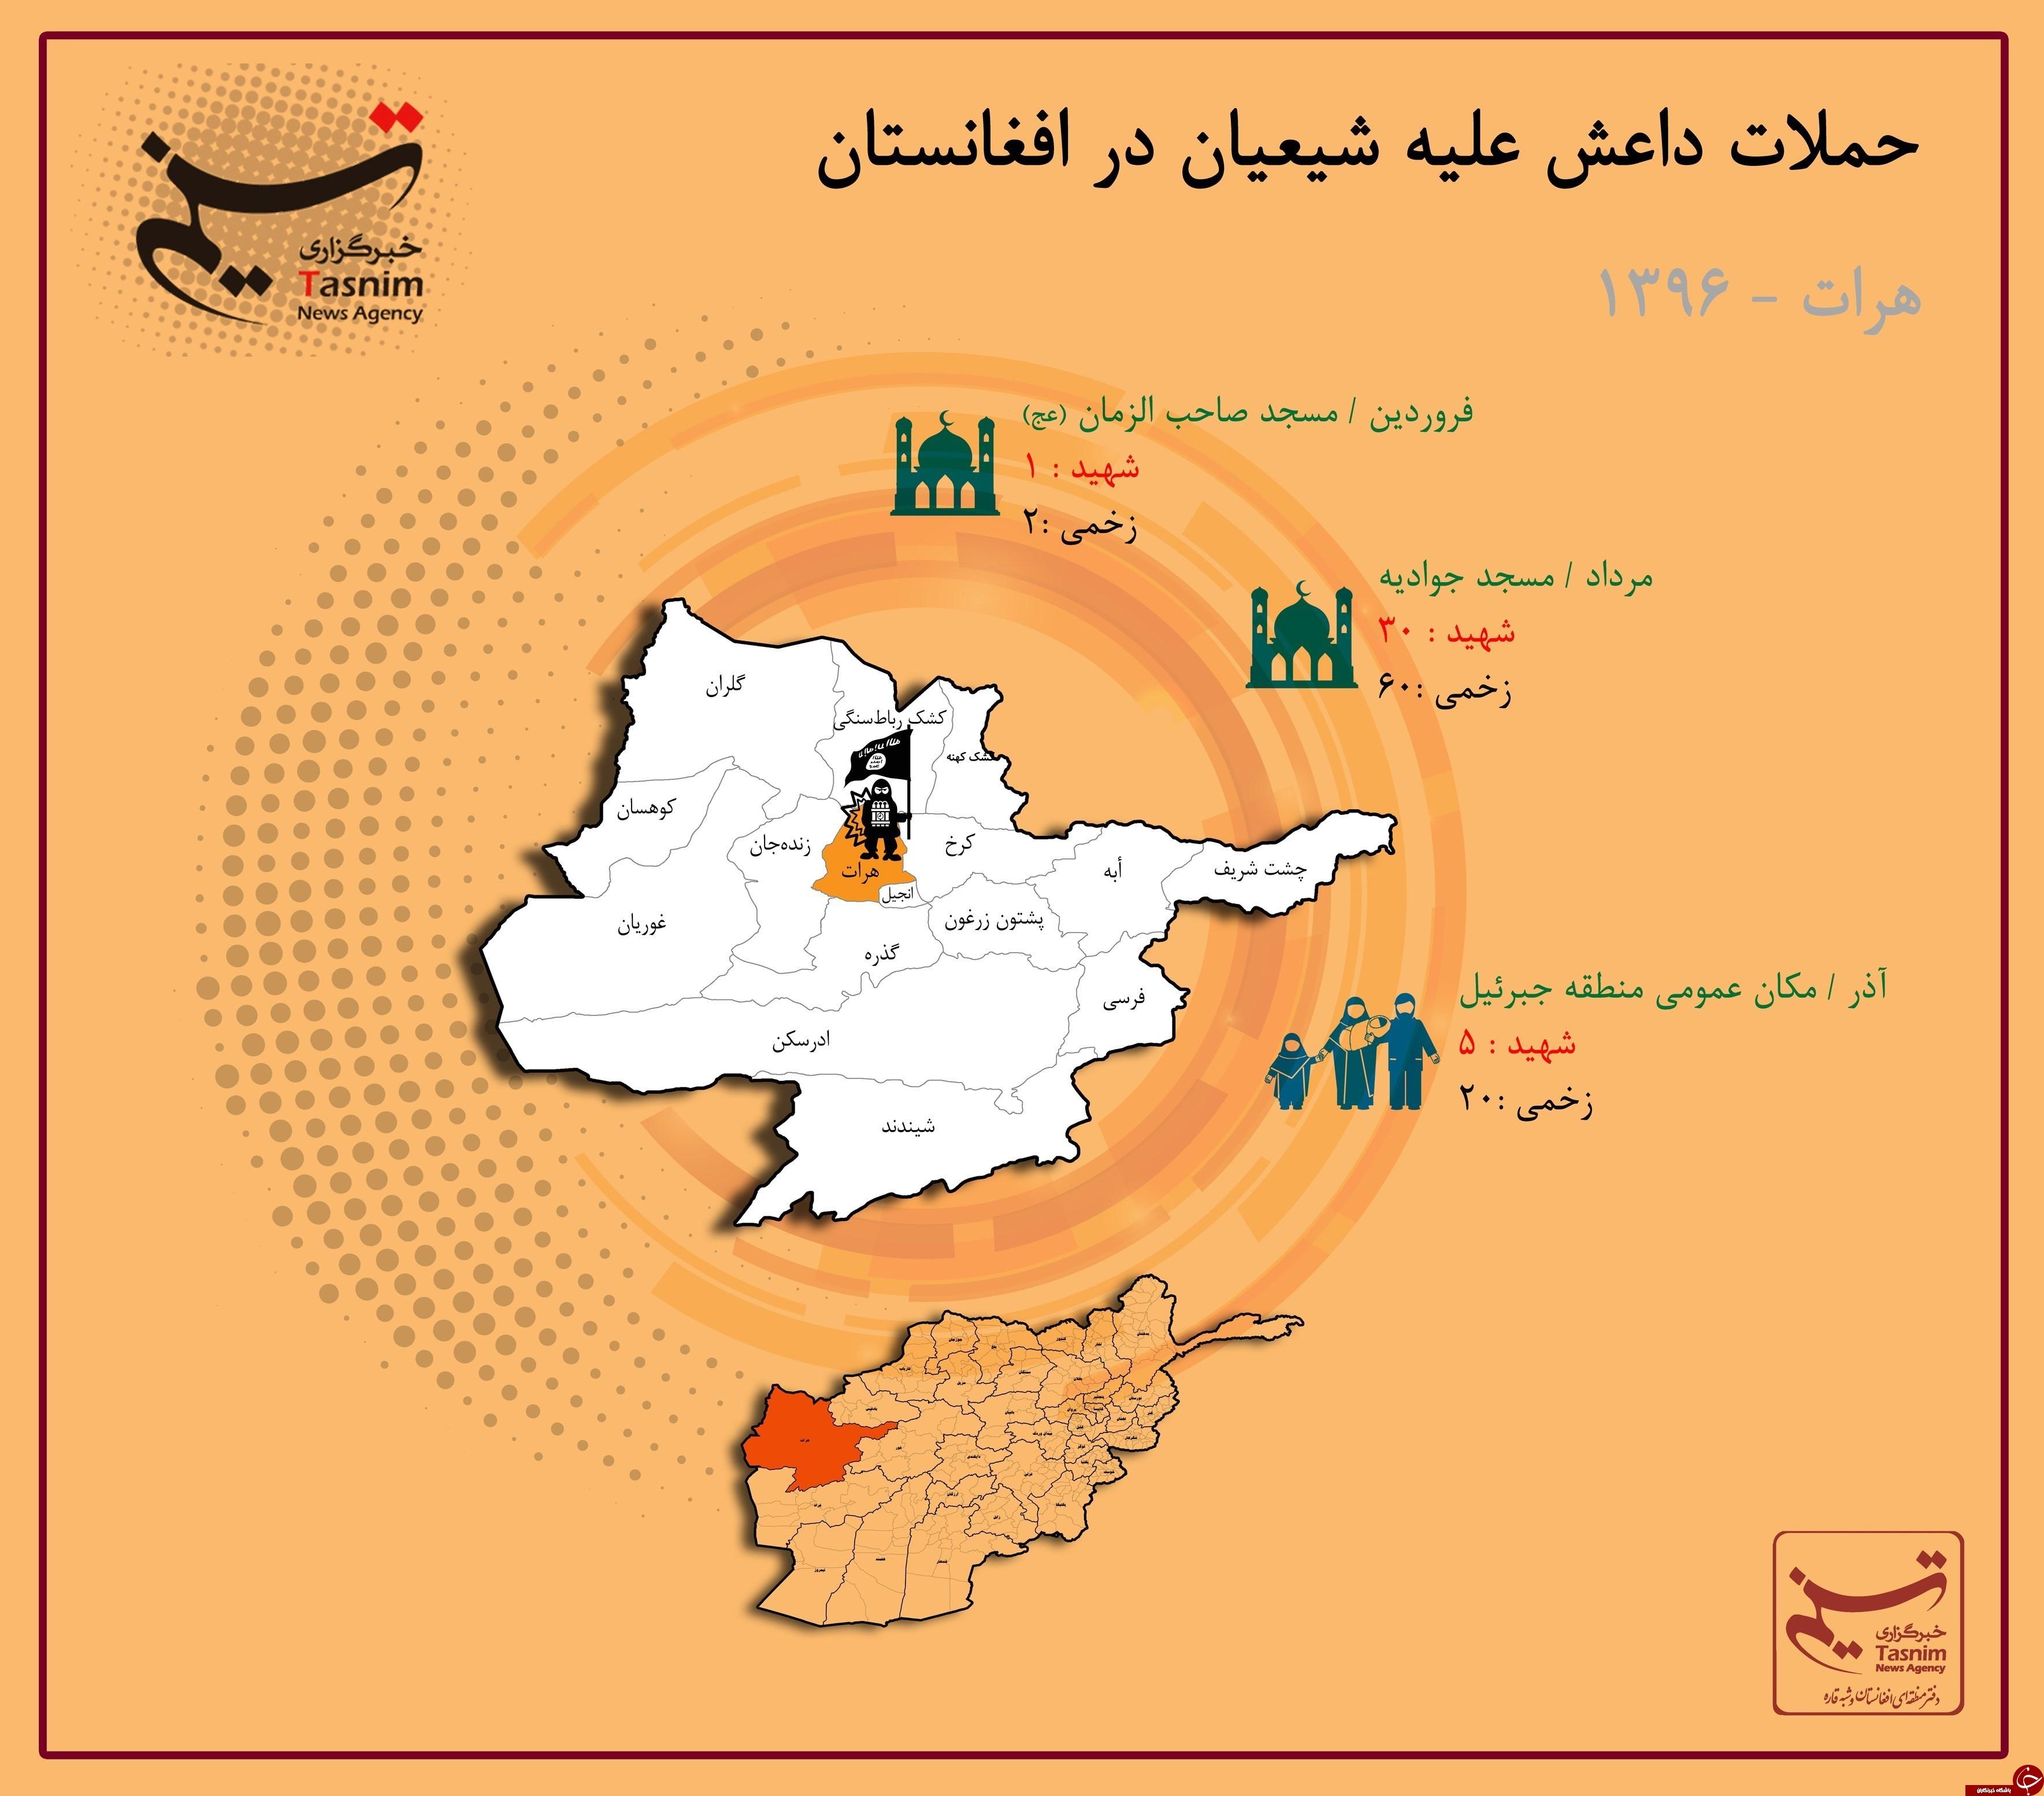 نگاهی به حملات تروریستی داعش علیه شیعیان افغانستان در سال ۹۶+ نقشه و نمودار